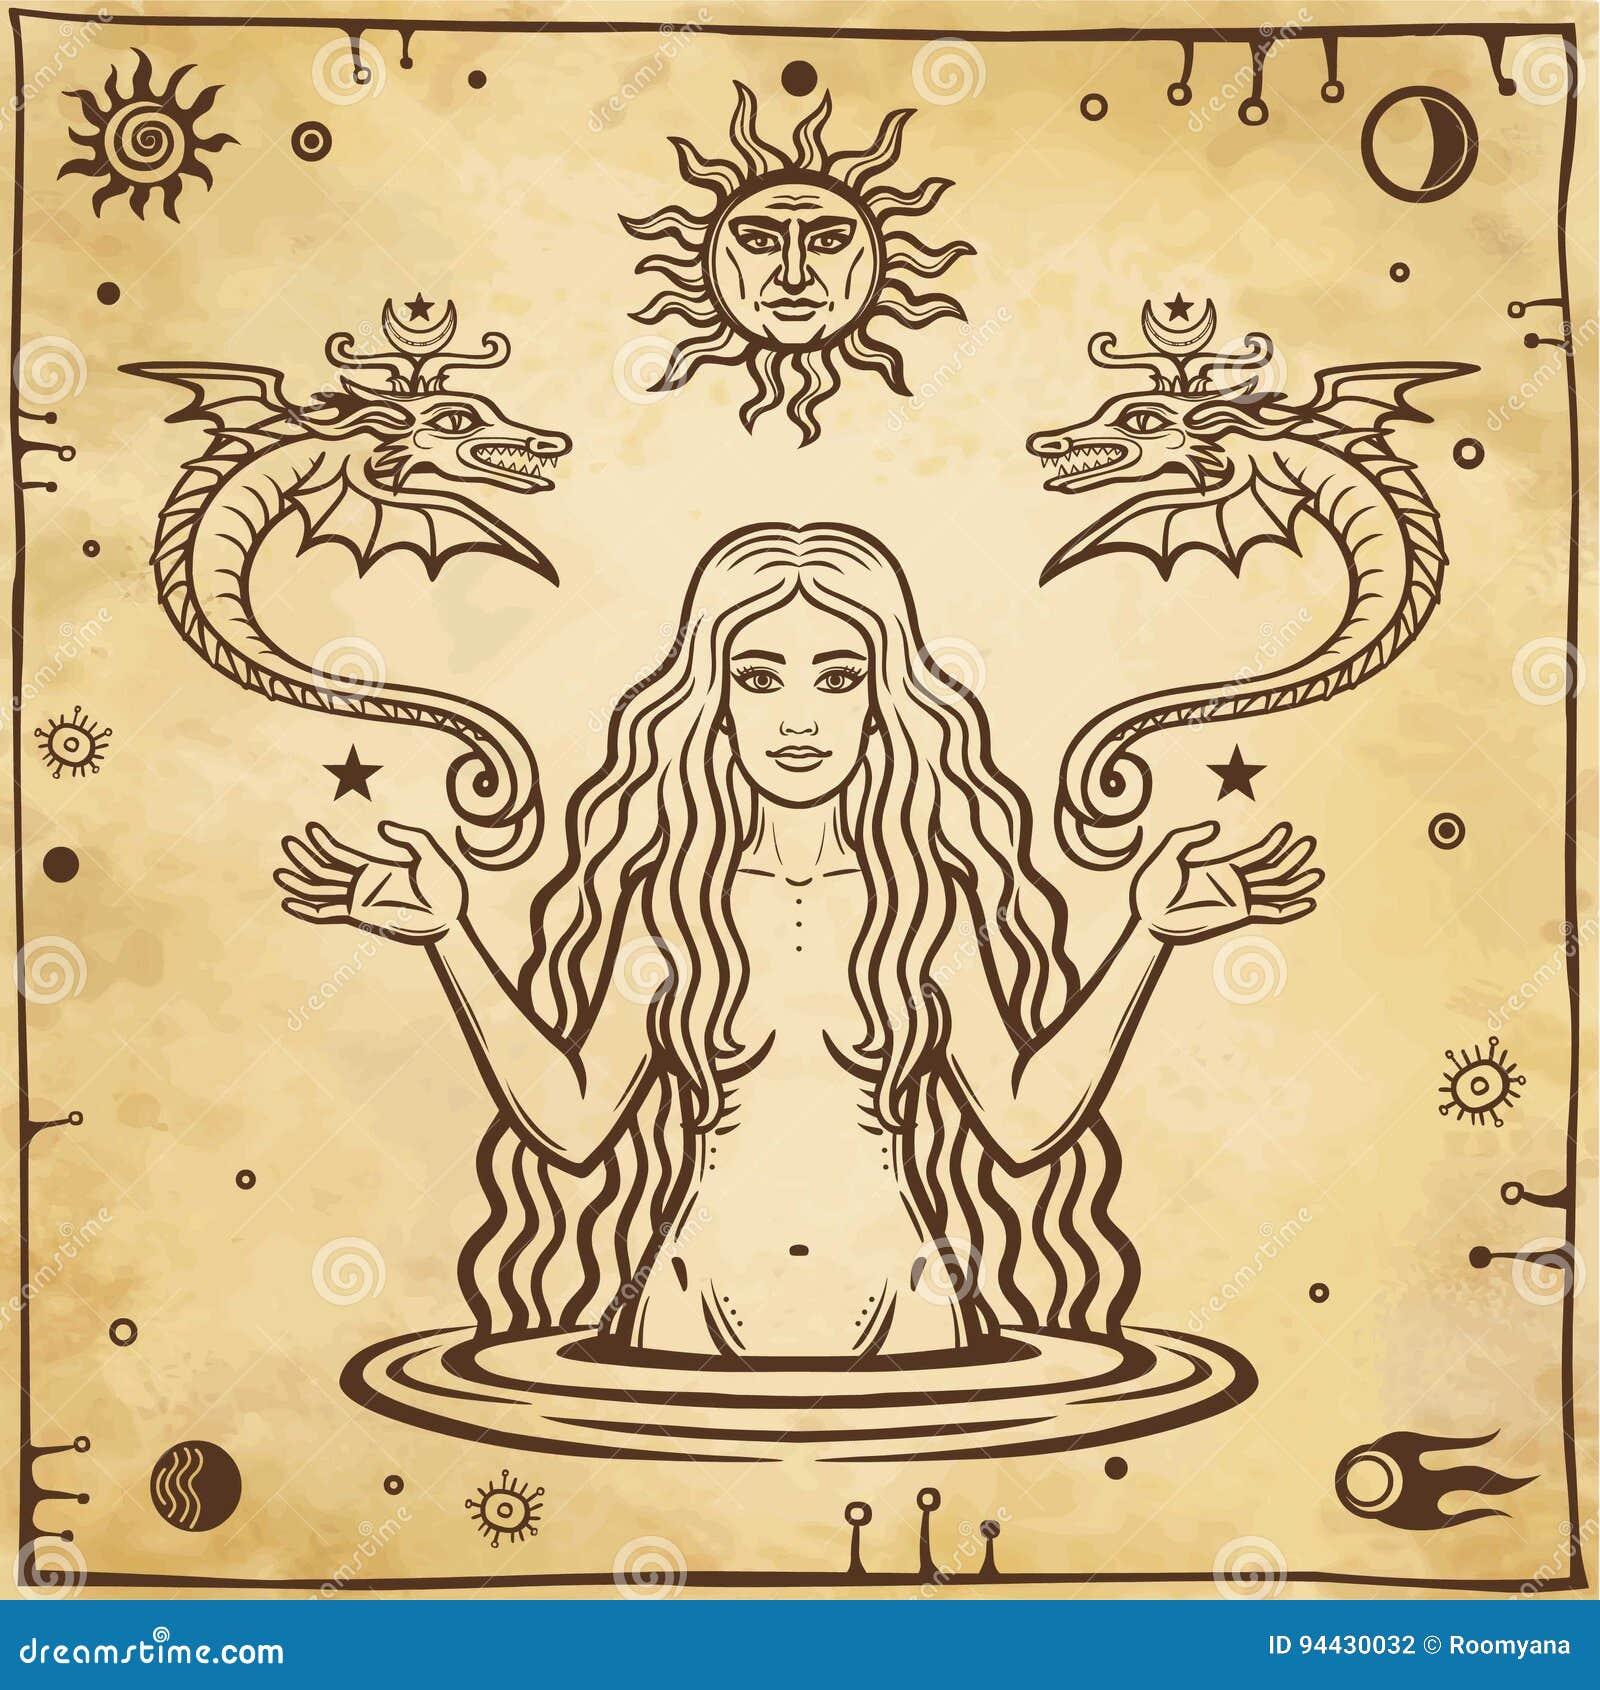 Dessin alchimique : jeunes belles serpents à ailes de femme par prises à disposition Ésotérique, mystique, occultisme